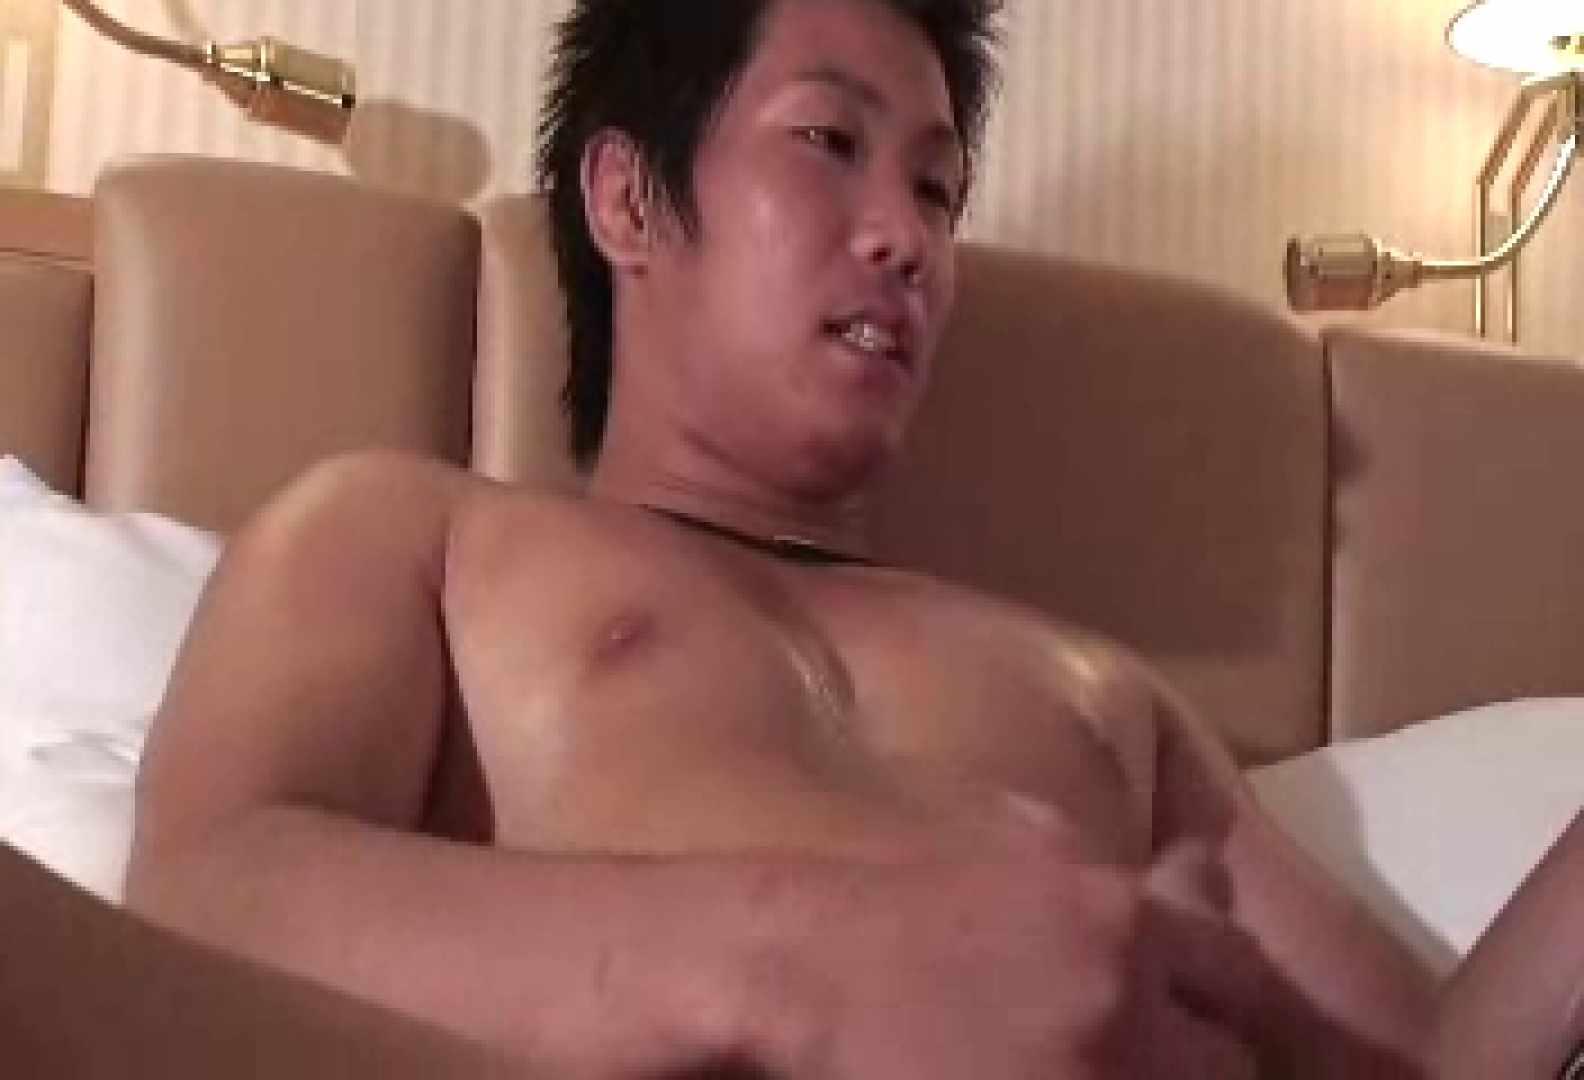 スリ筋!!Nice Finish!!vol.02 オナニー | 射精  11枚 2